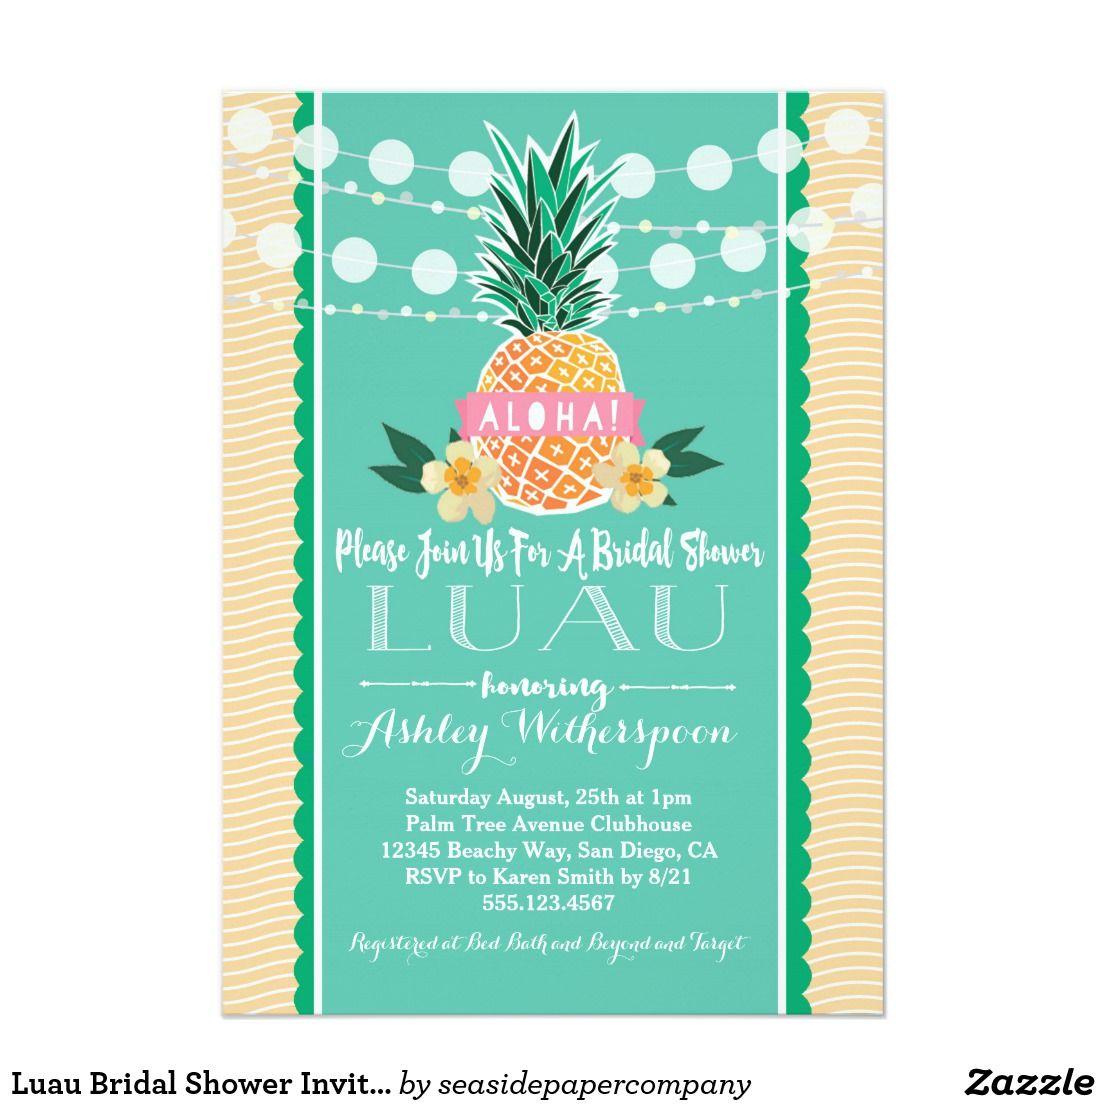 Luau bridal shower invitation luau shower invitations and bridal luau bridal shower invitation filmwisefo